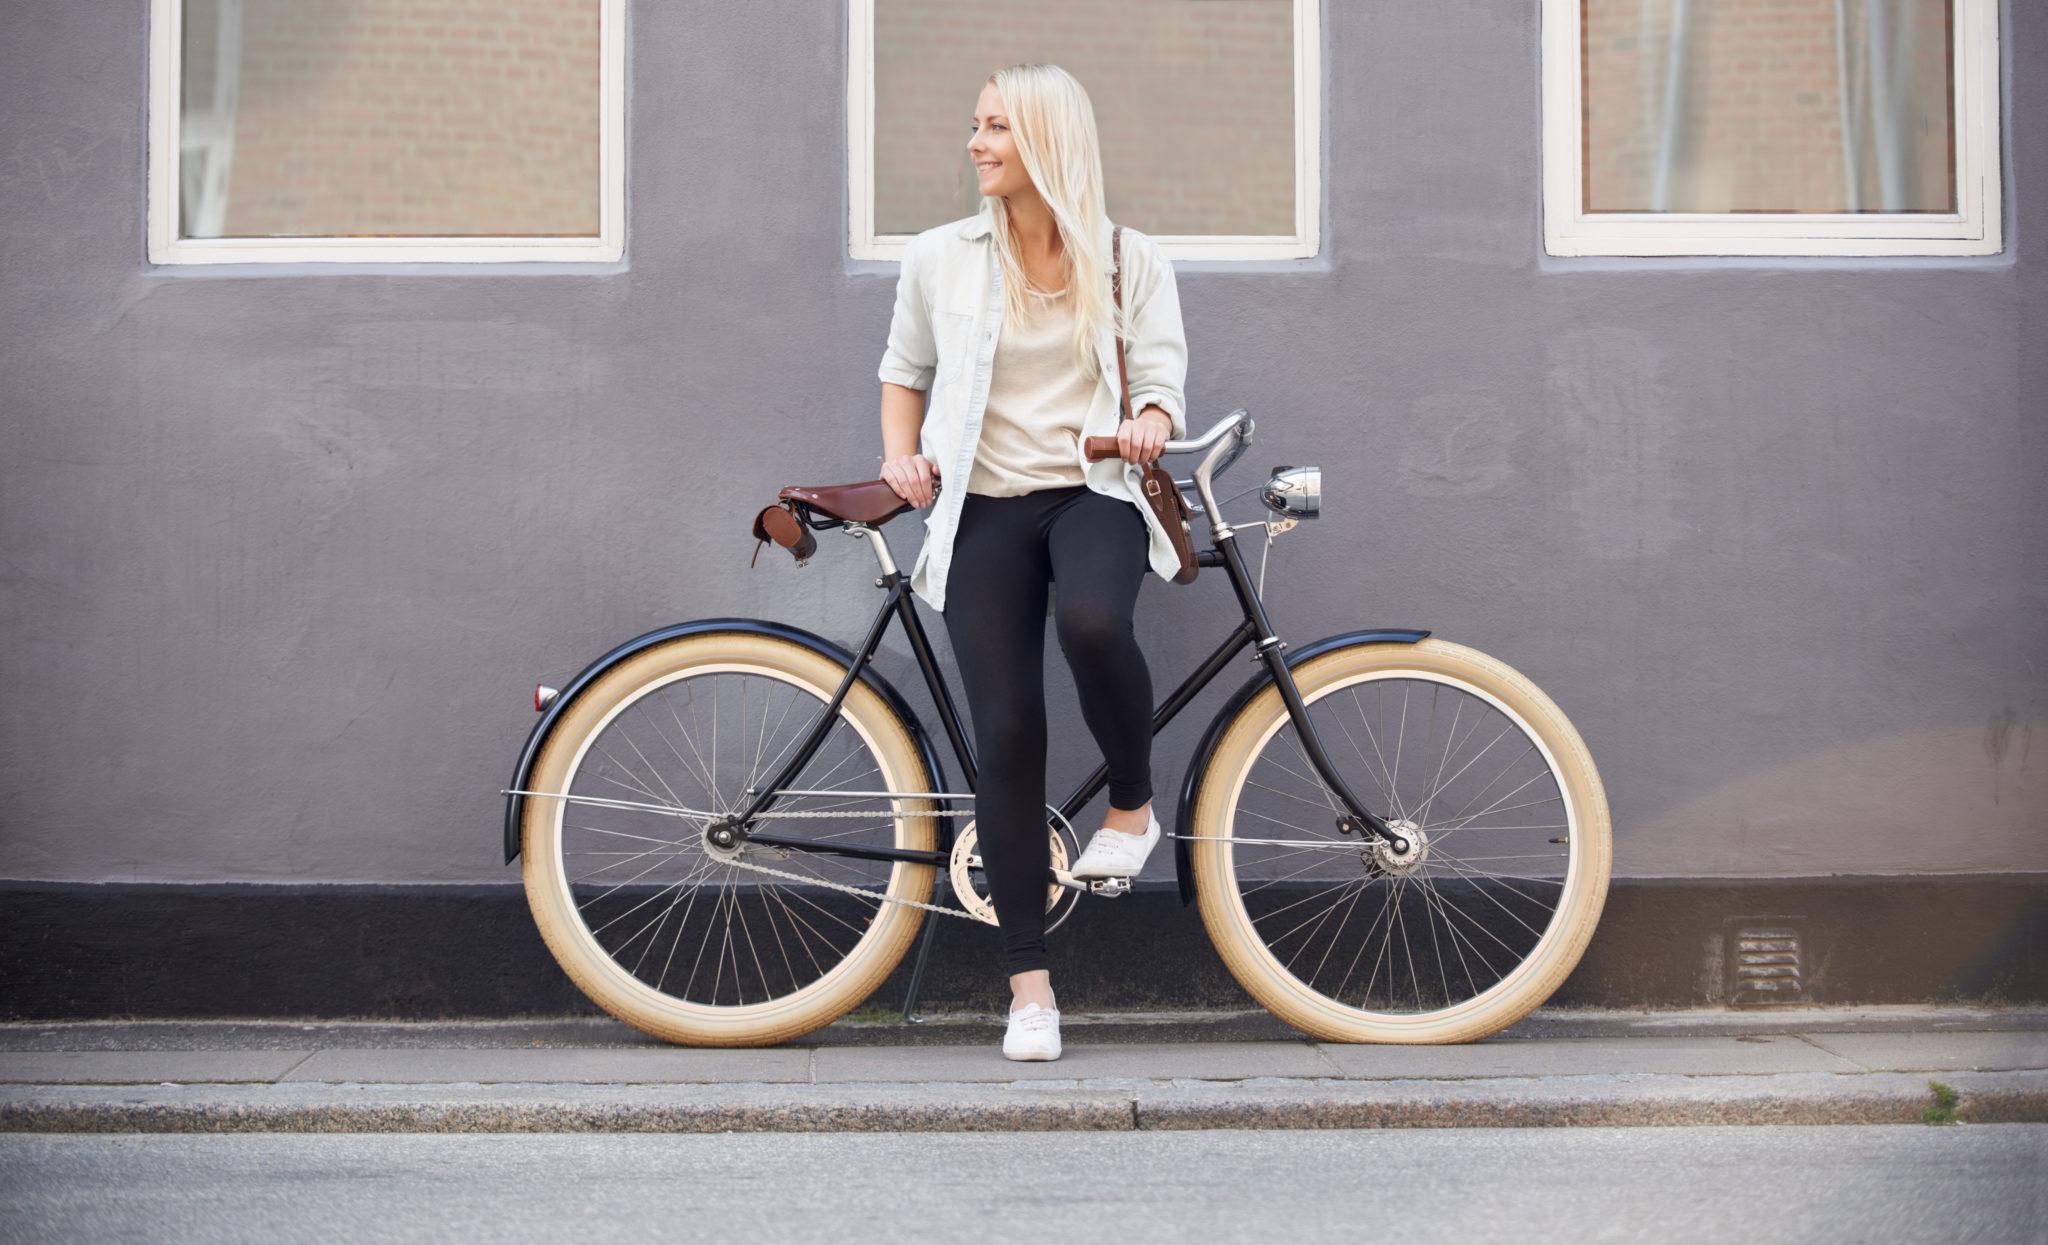 Dziewczyna stojąca przy rowerze z jasnymi oponowami opartym przy ścianie